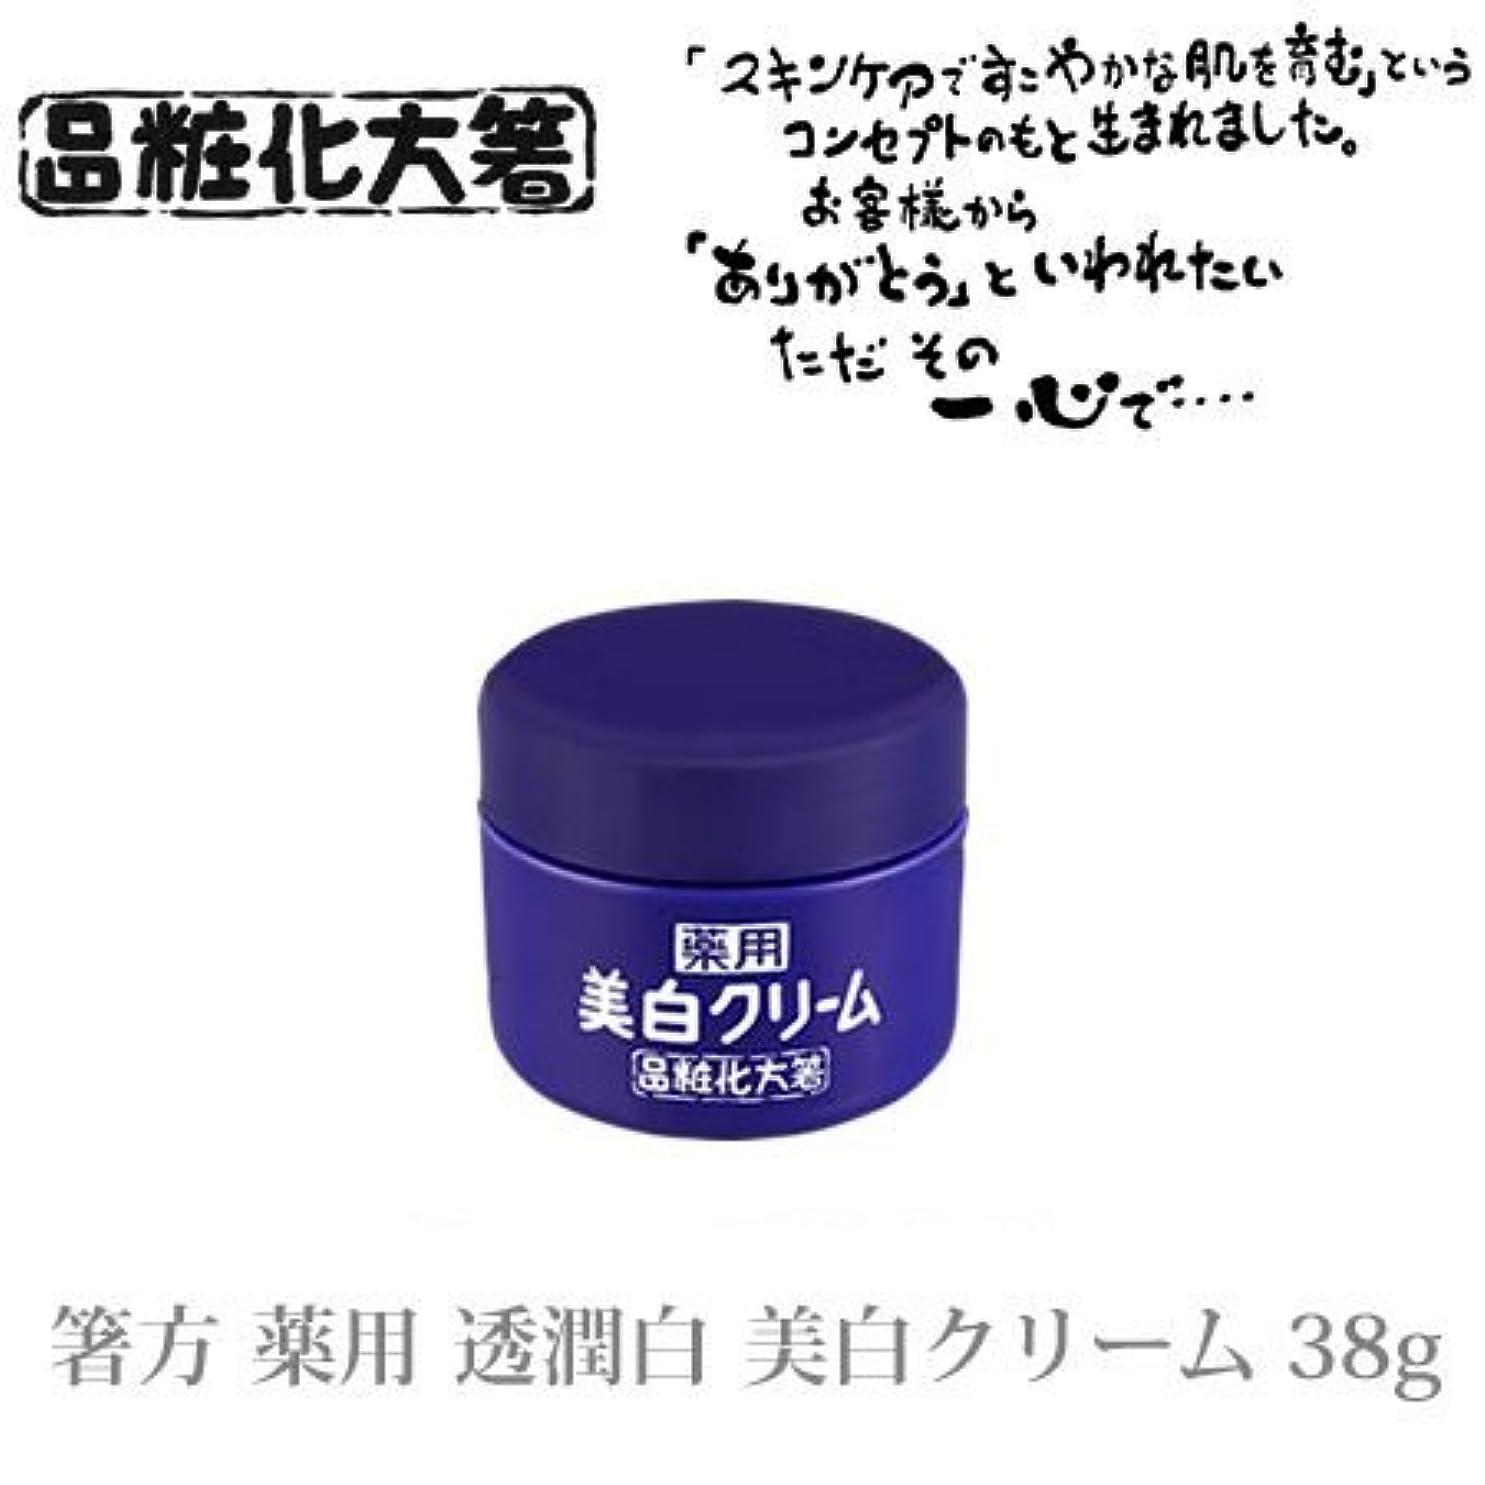 症候群二次も箸方化粧品 薬用 透潤白 美白クリーム 38g はしかた化粧品